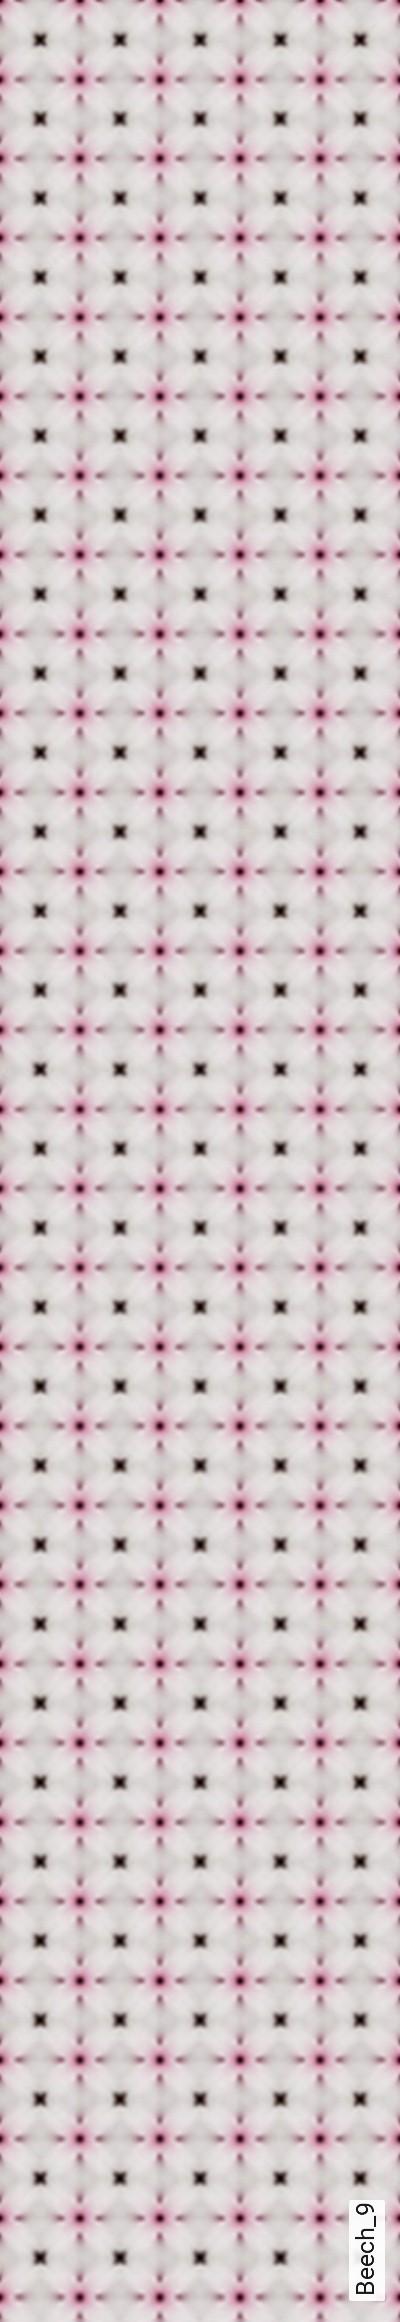 Beech_9-Formen-Moderne-Muster-Rot-Weiß